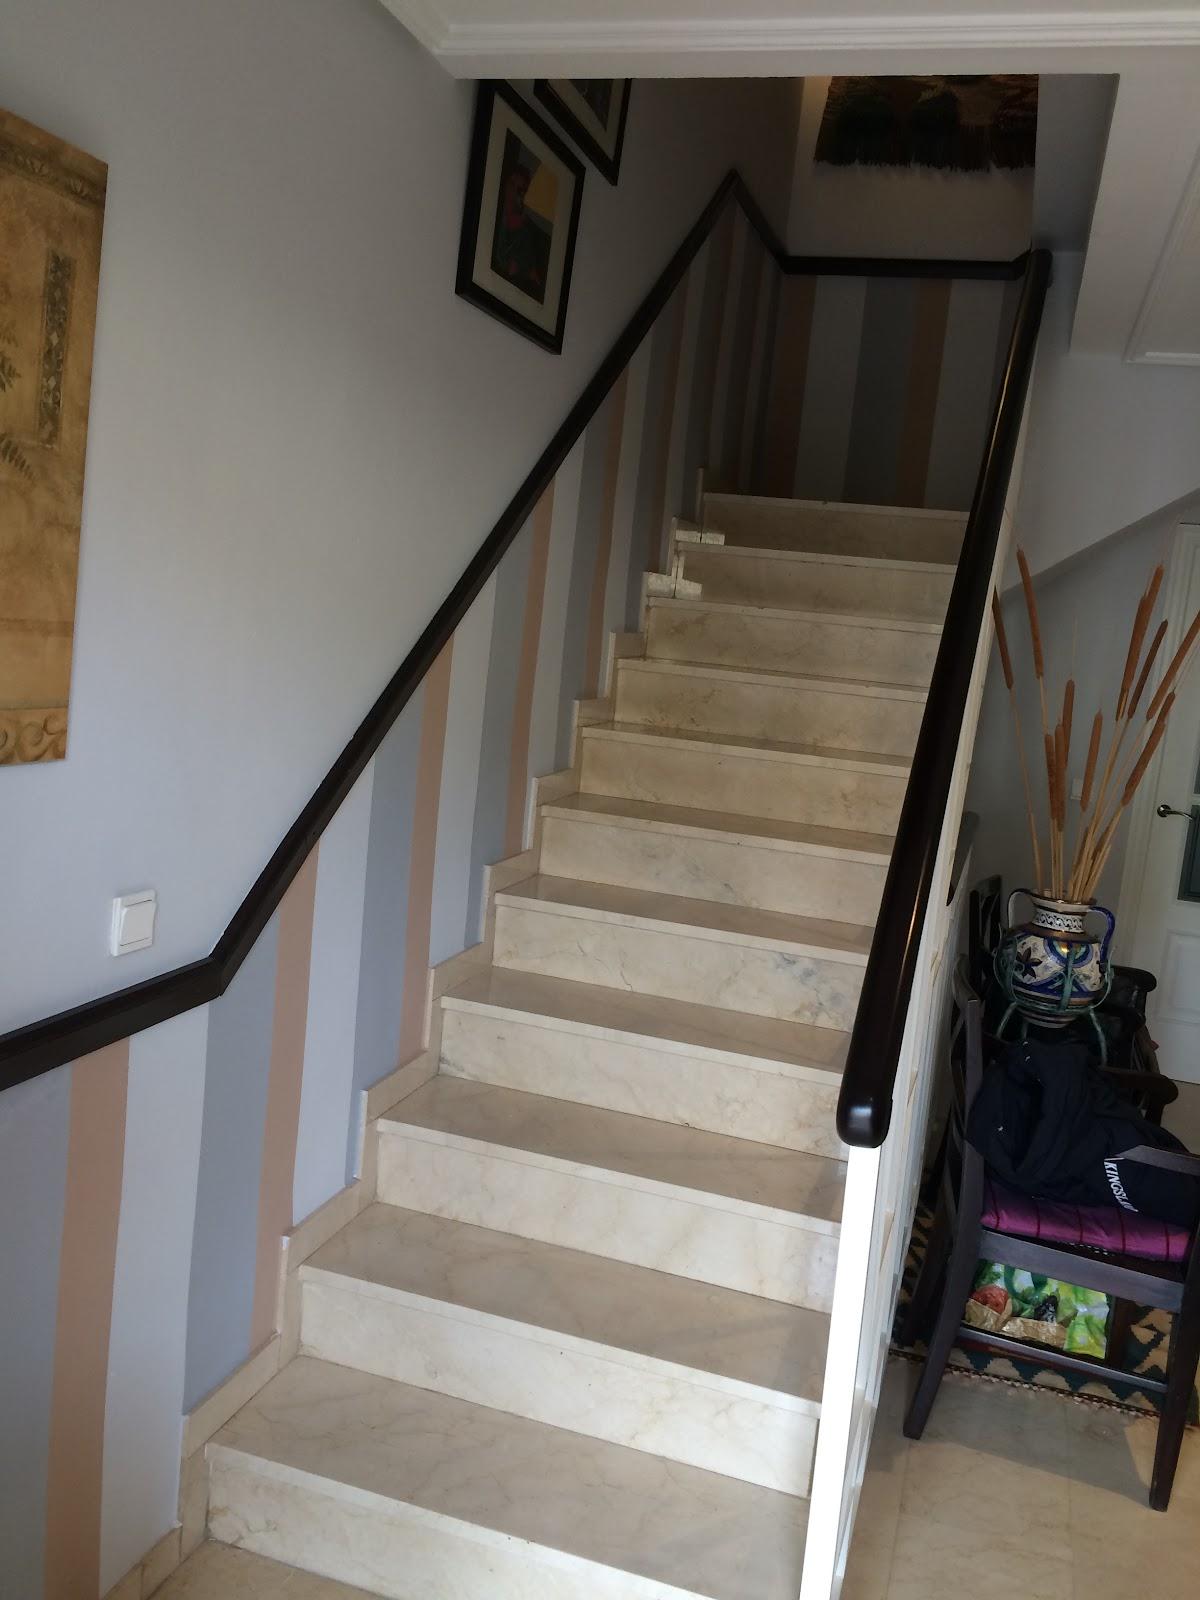 Angel pintura y decoraci n rayas a media altura en - Pintura para escaleras ...